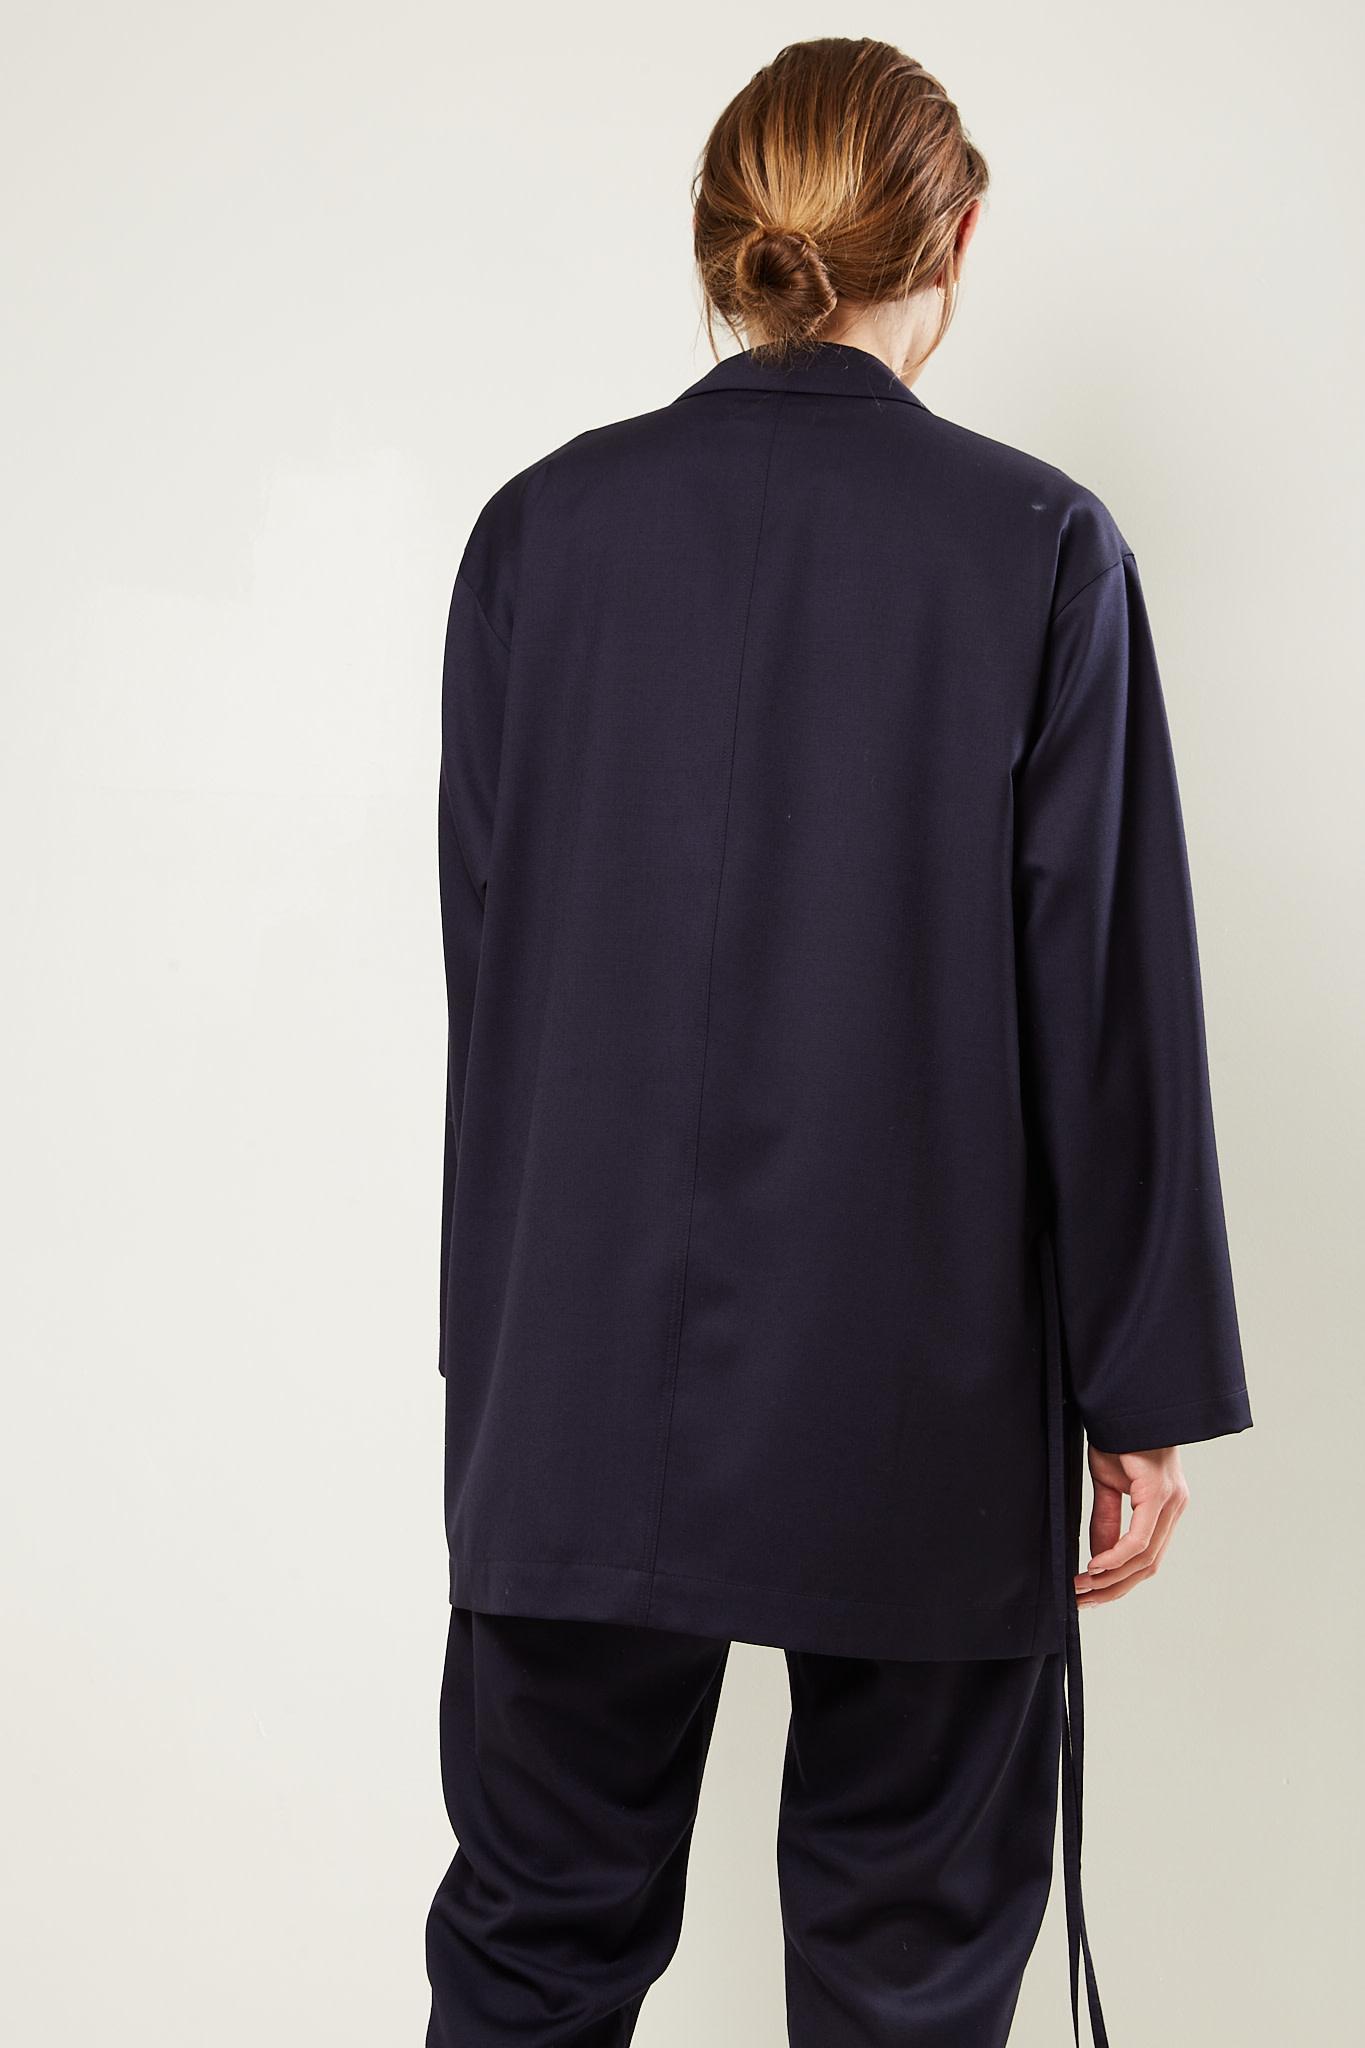 Monique van Heist - Donky cool wool jacket